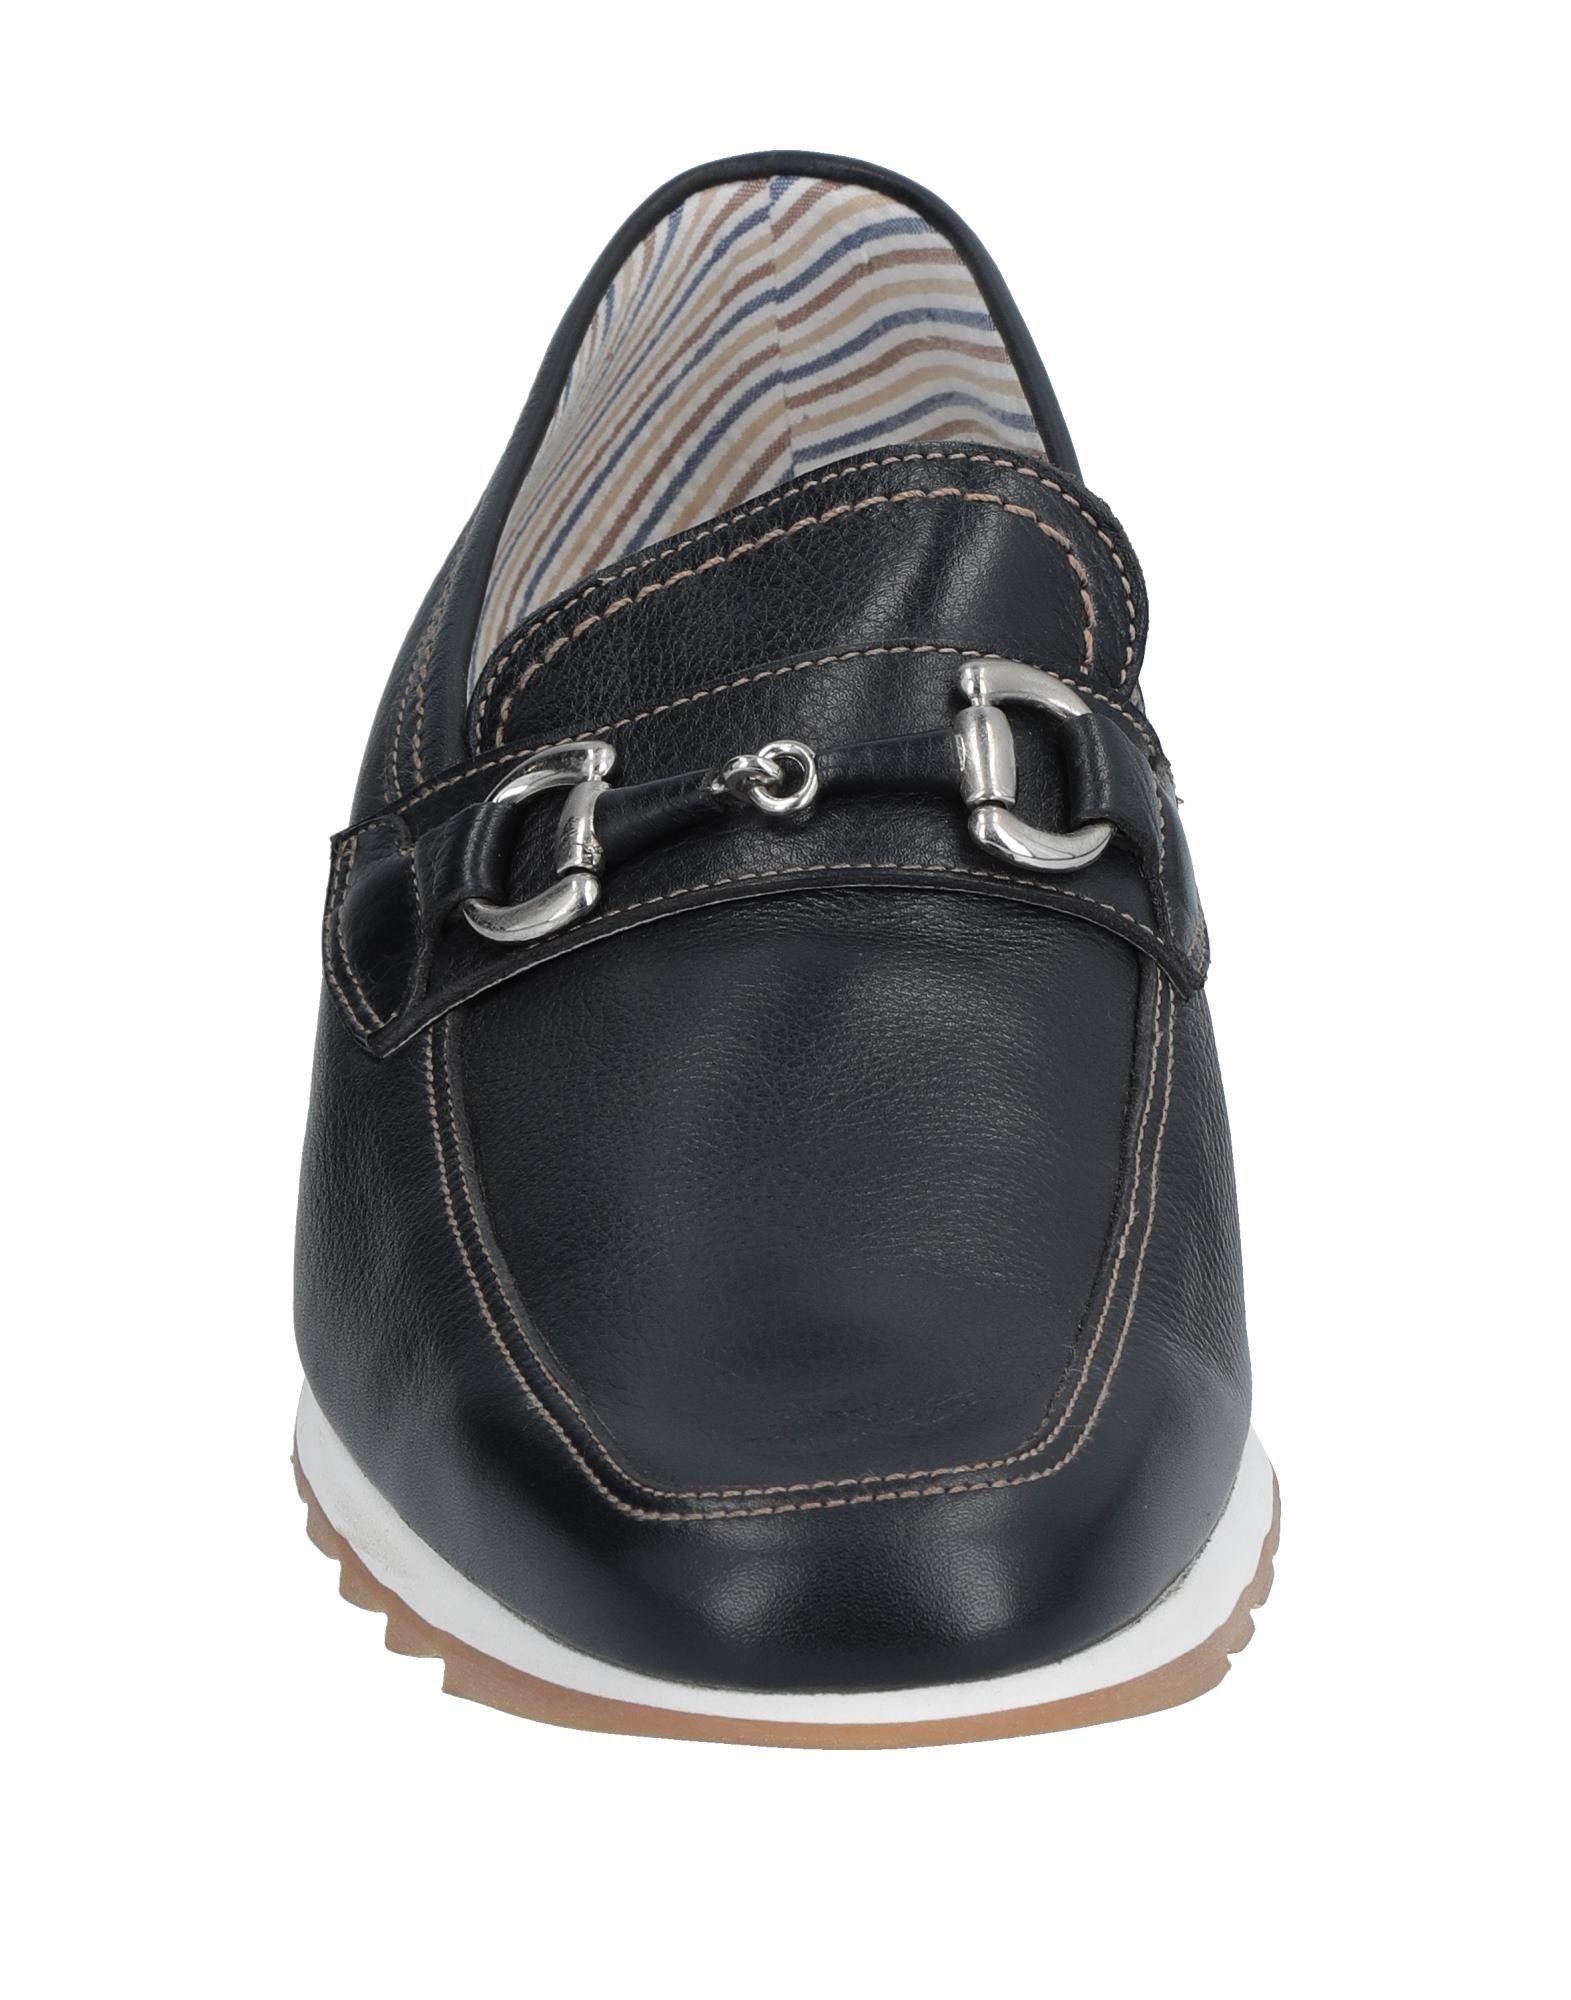 Blu|Barrett By Barrett Qualität Mokassins Herren  11536640GV Gute Qualität Barrett beliebte Schuhe 169d11